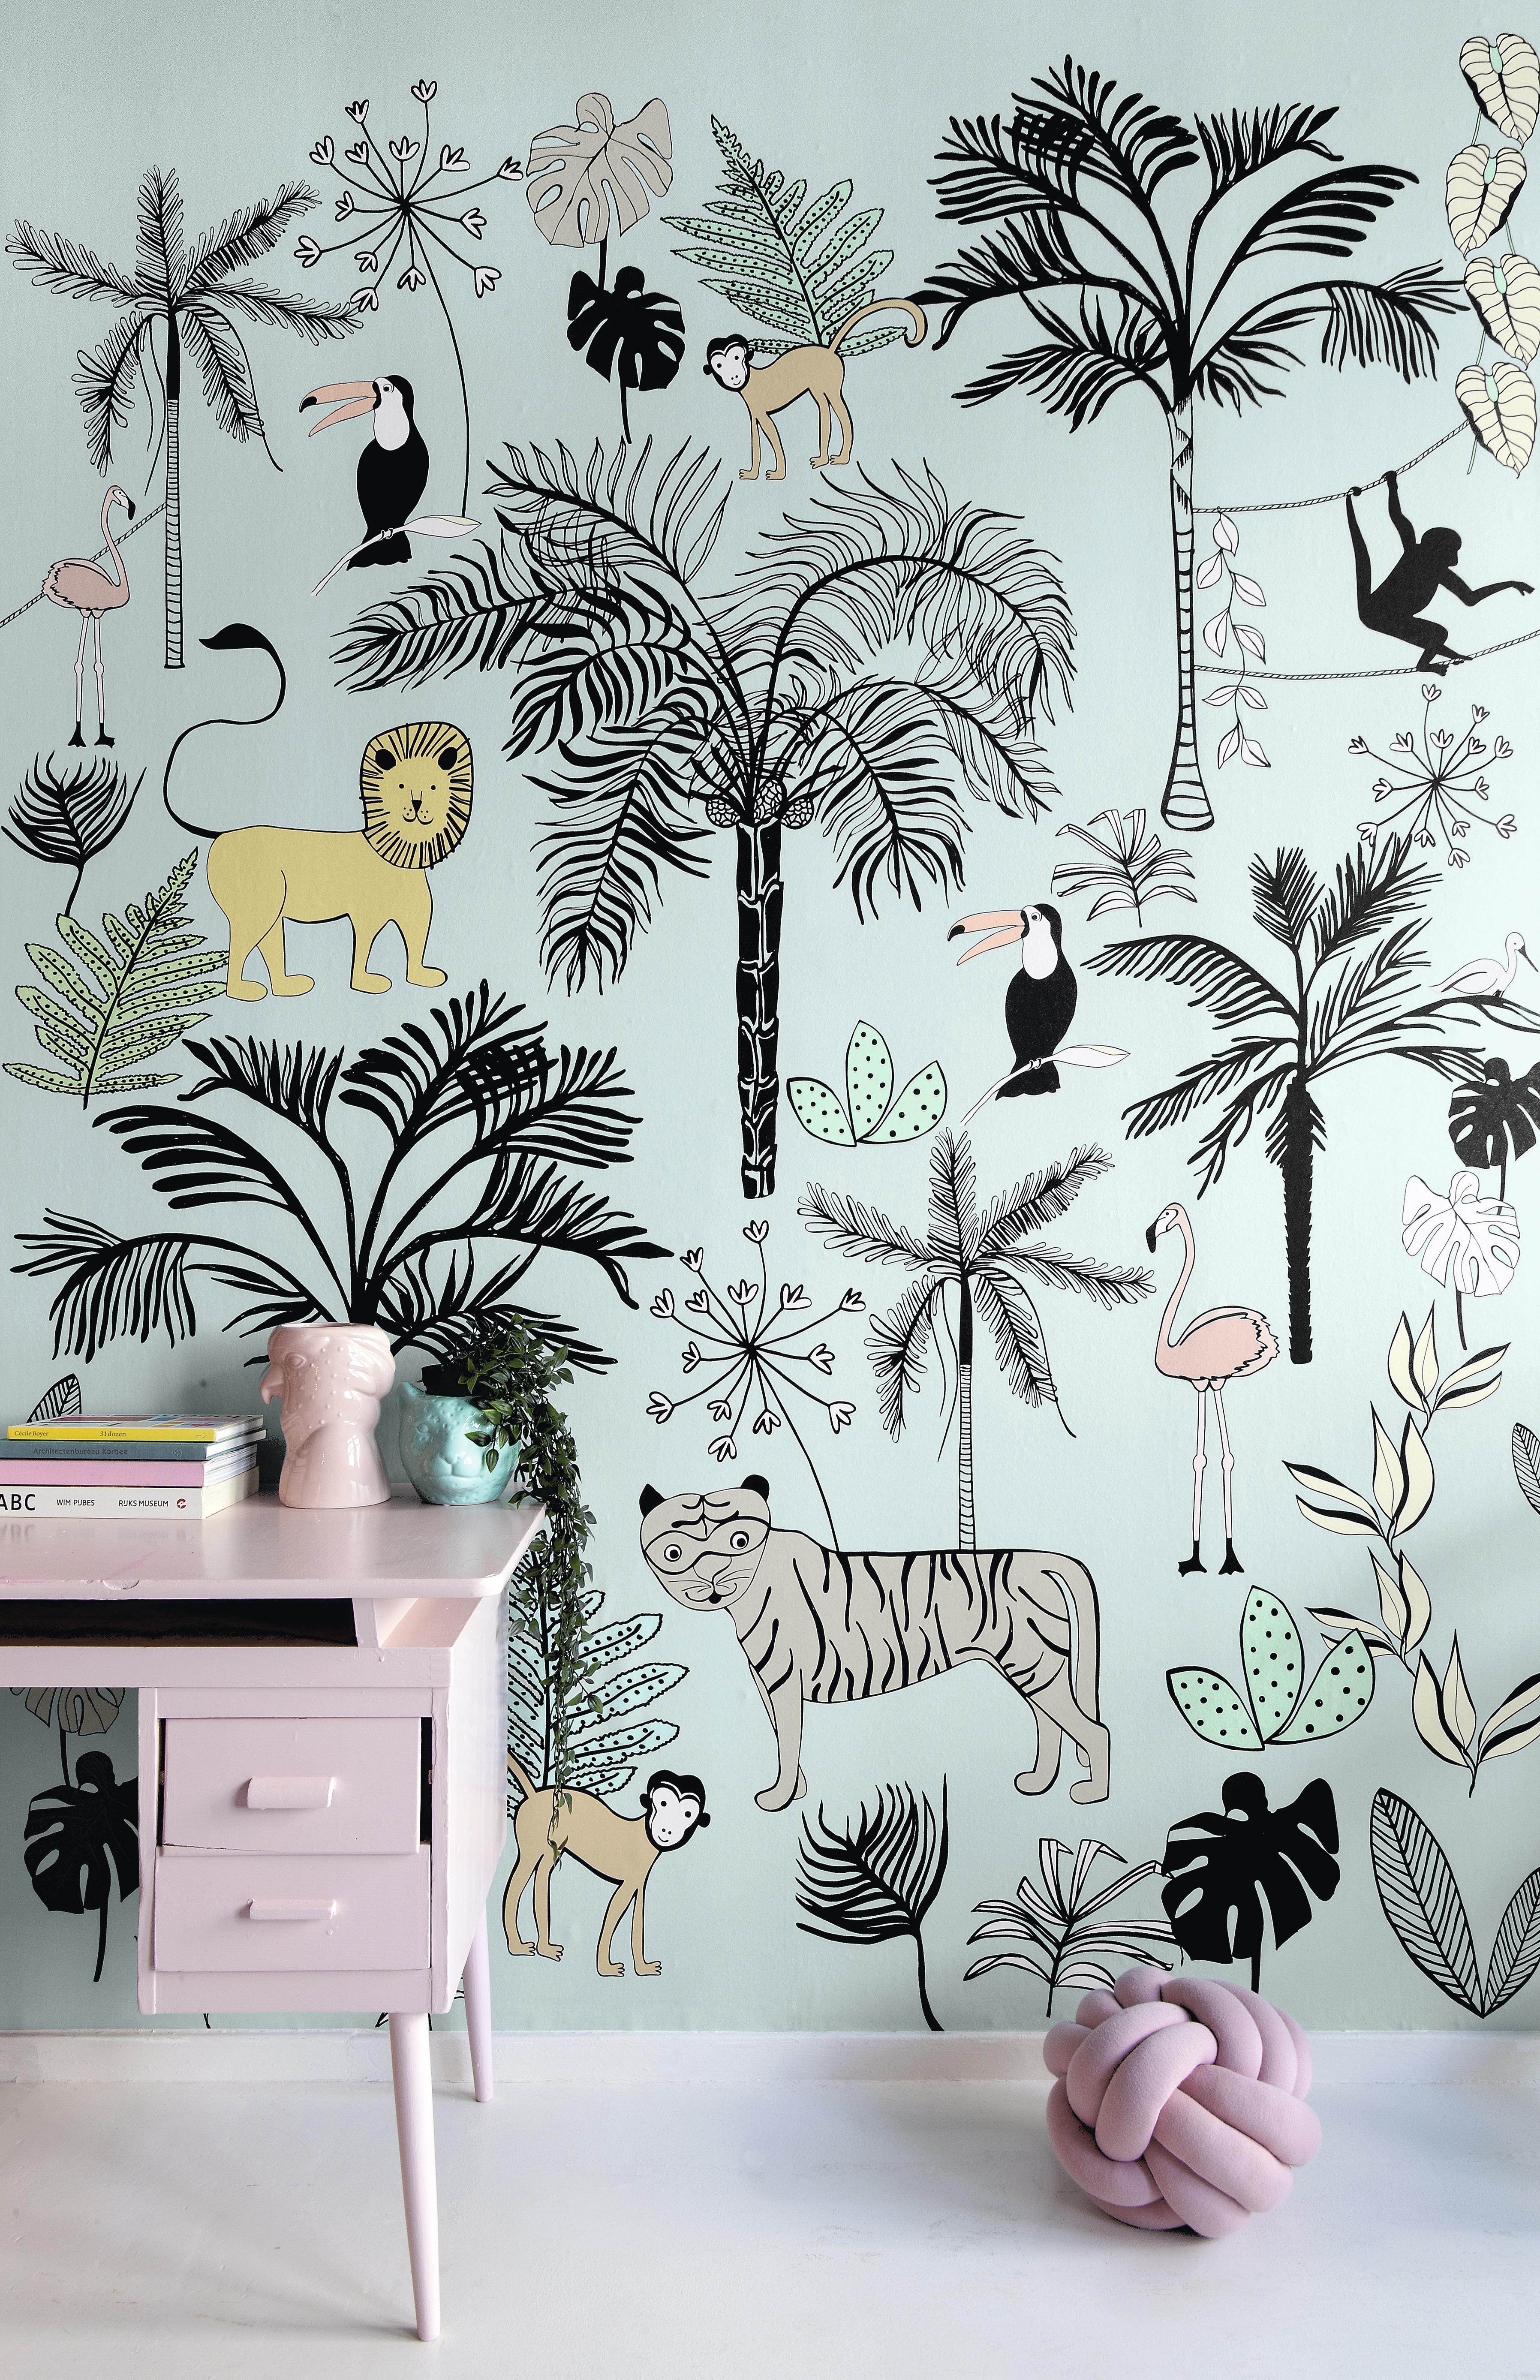 Dzsungel mintás fali poszter gyerekszobába